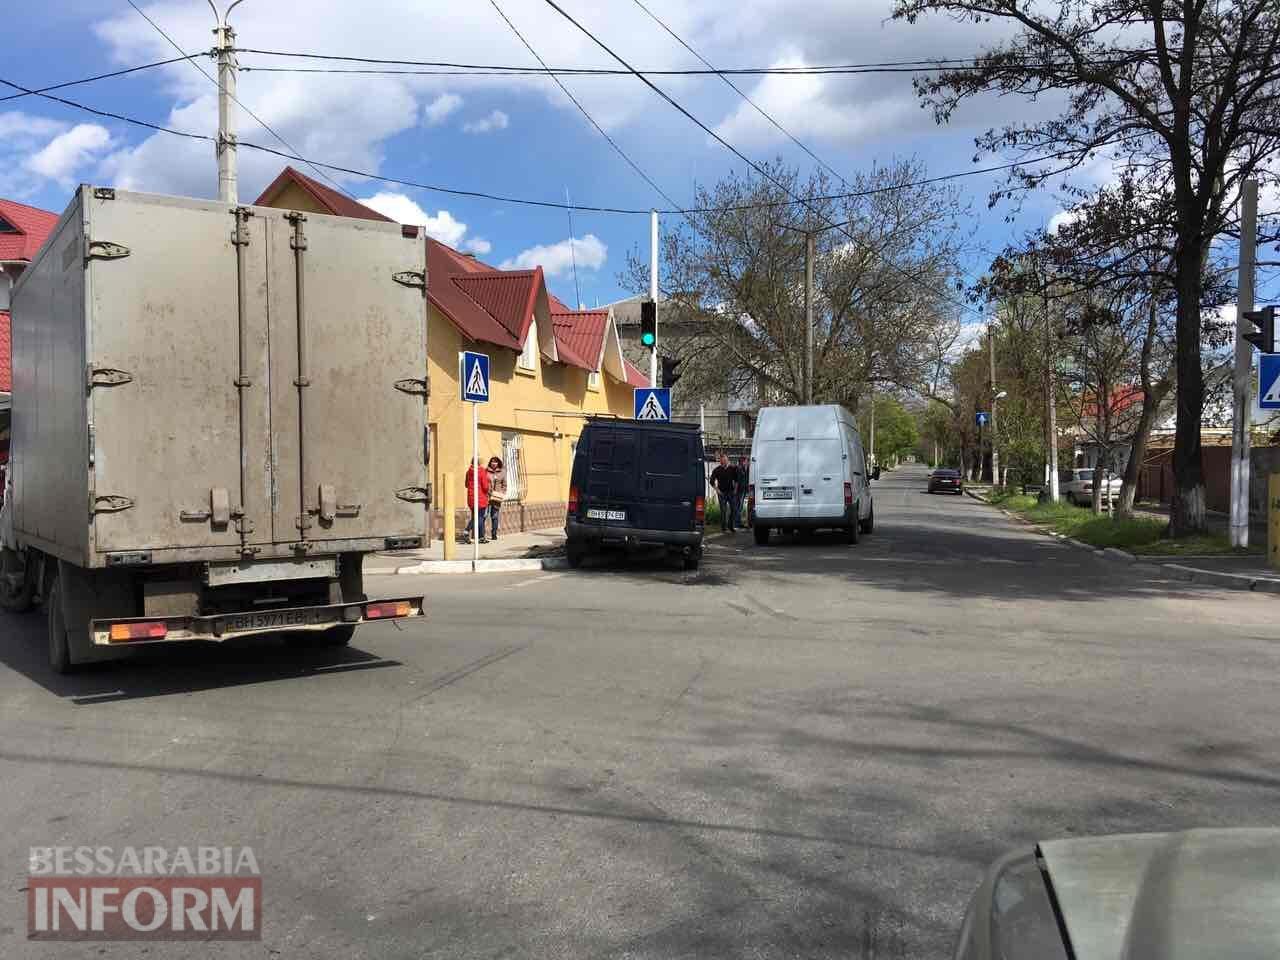 Измаил: на улице Белгород-Днестровской очередное ДТП, есть пострадавшая